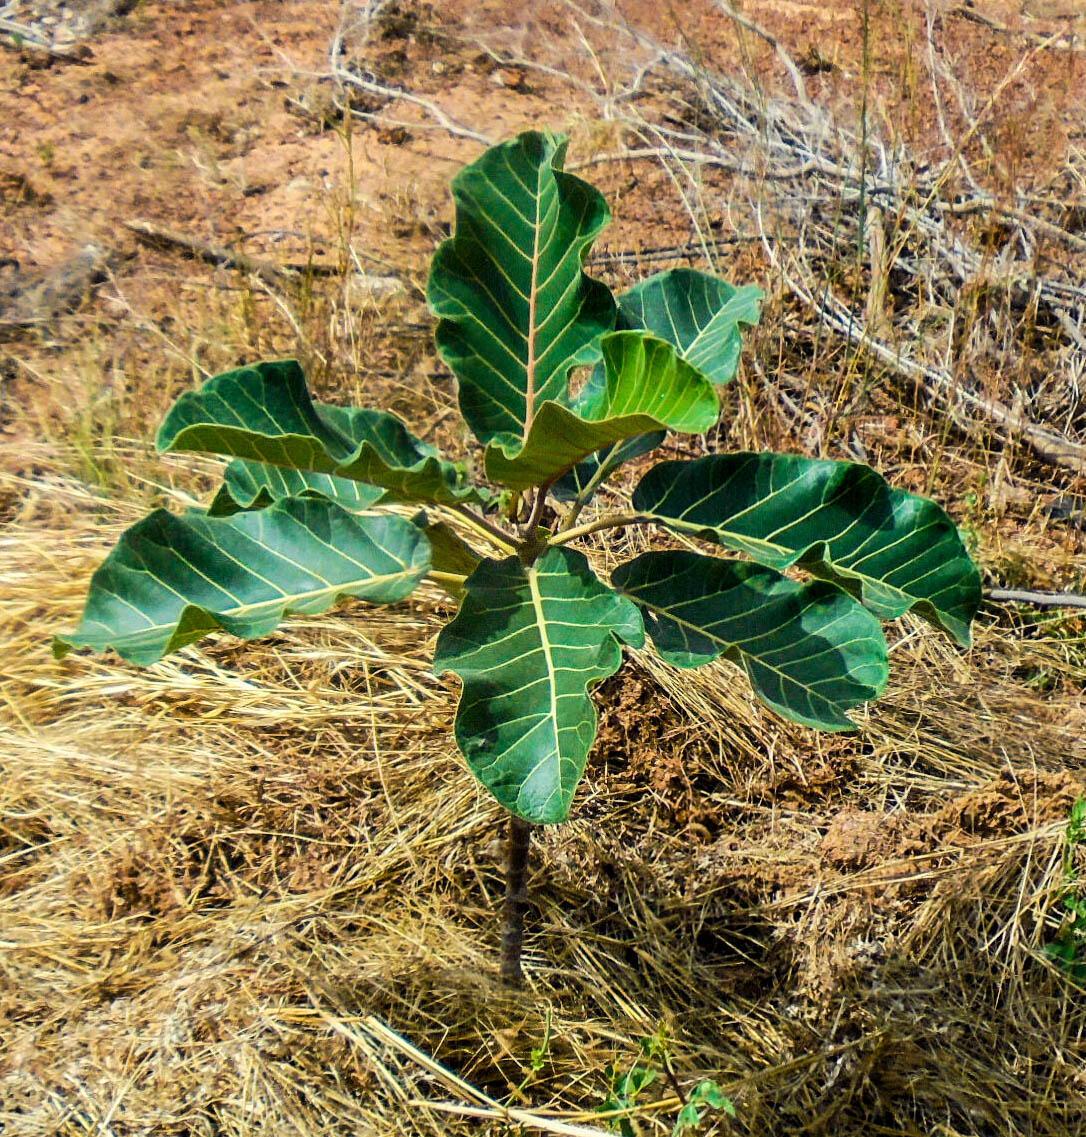 Grâce à la technique de régénération naturelle assistée (RNA), un arbre a pu voir le jour.